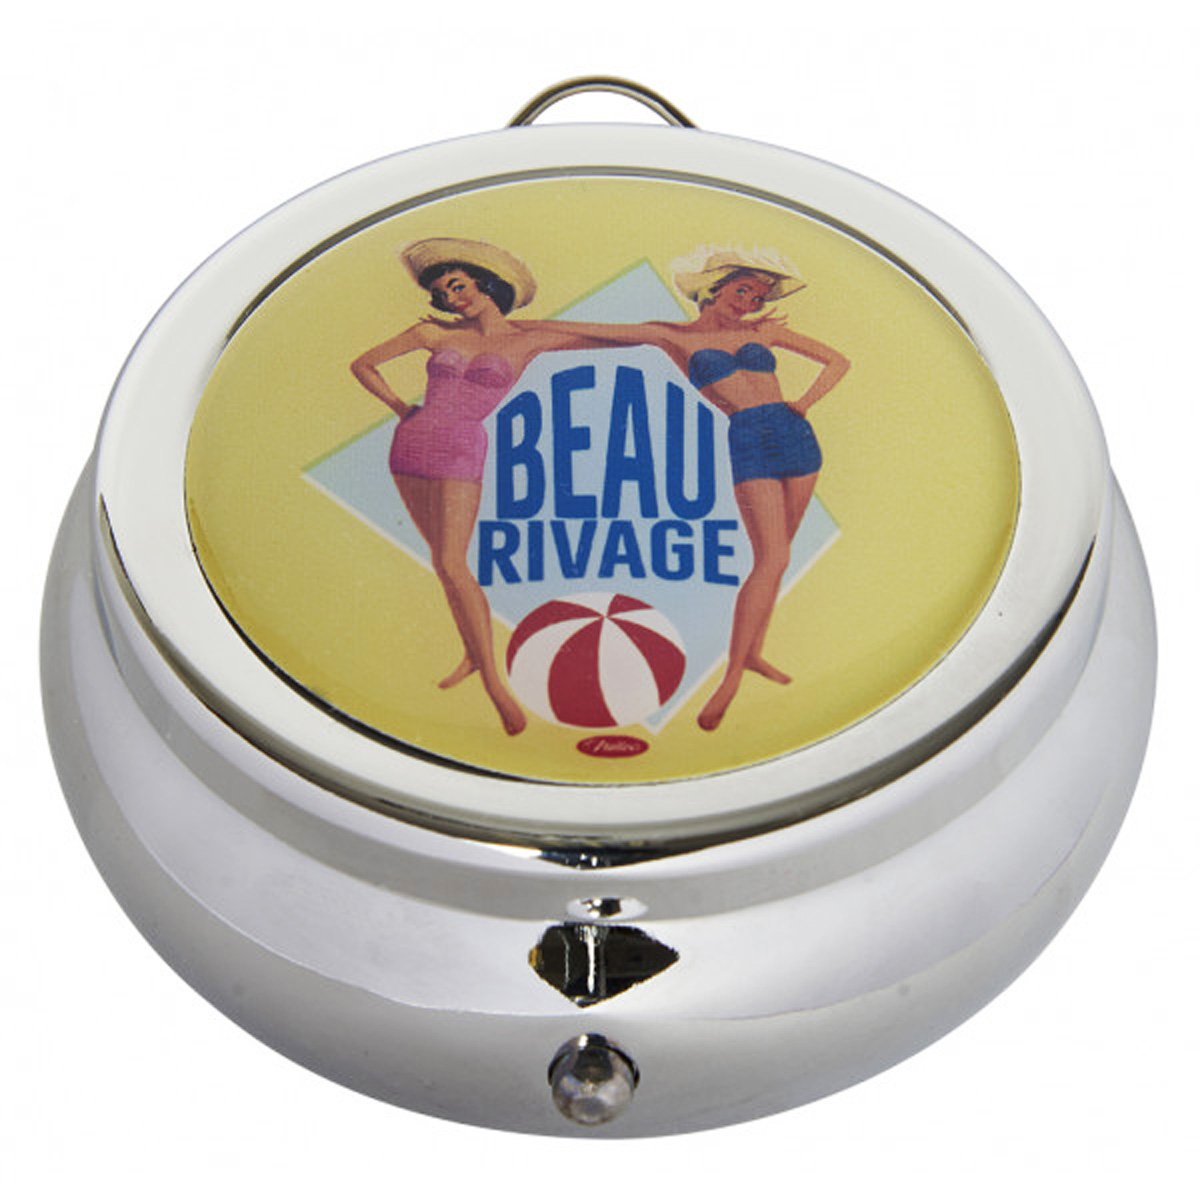 Cendrier de poche \'French Vintage\' (Beau Rivage) - 68x30 mm - [Q7158]